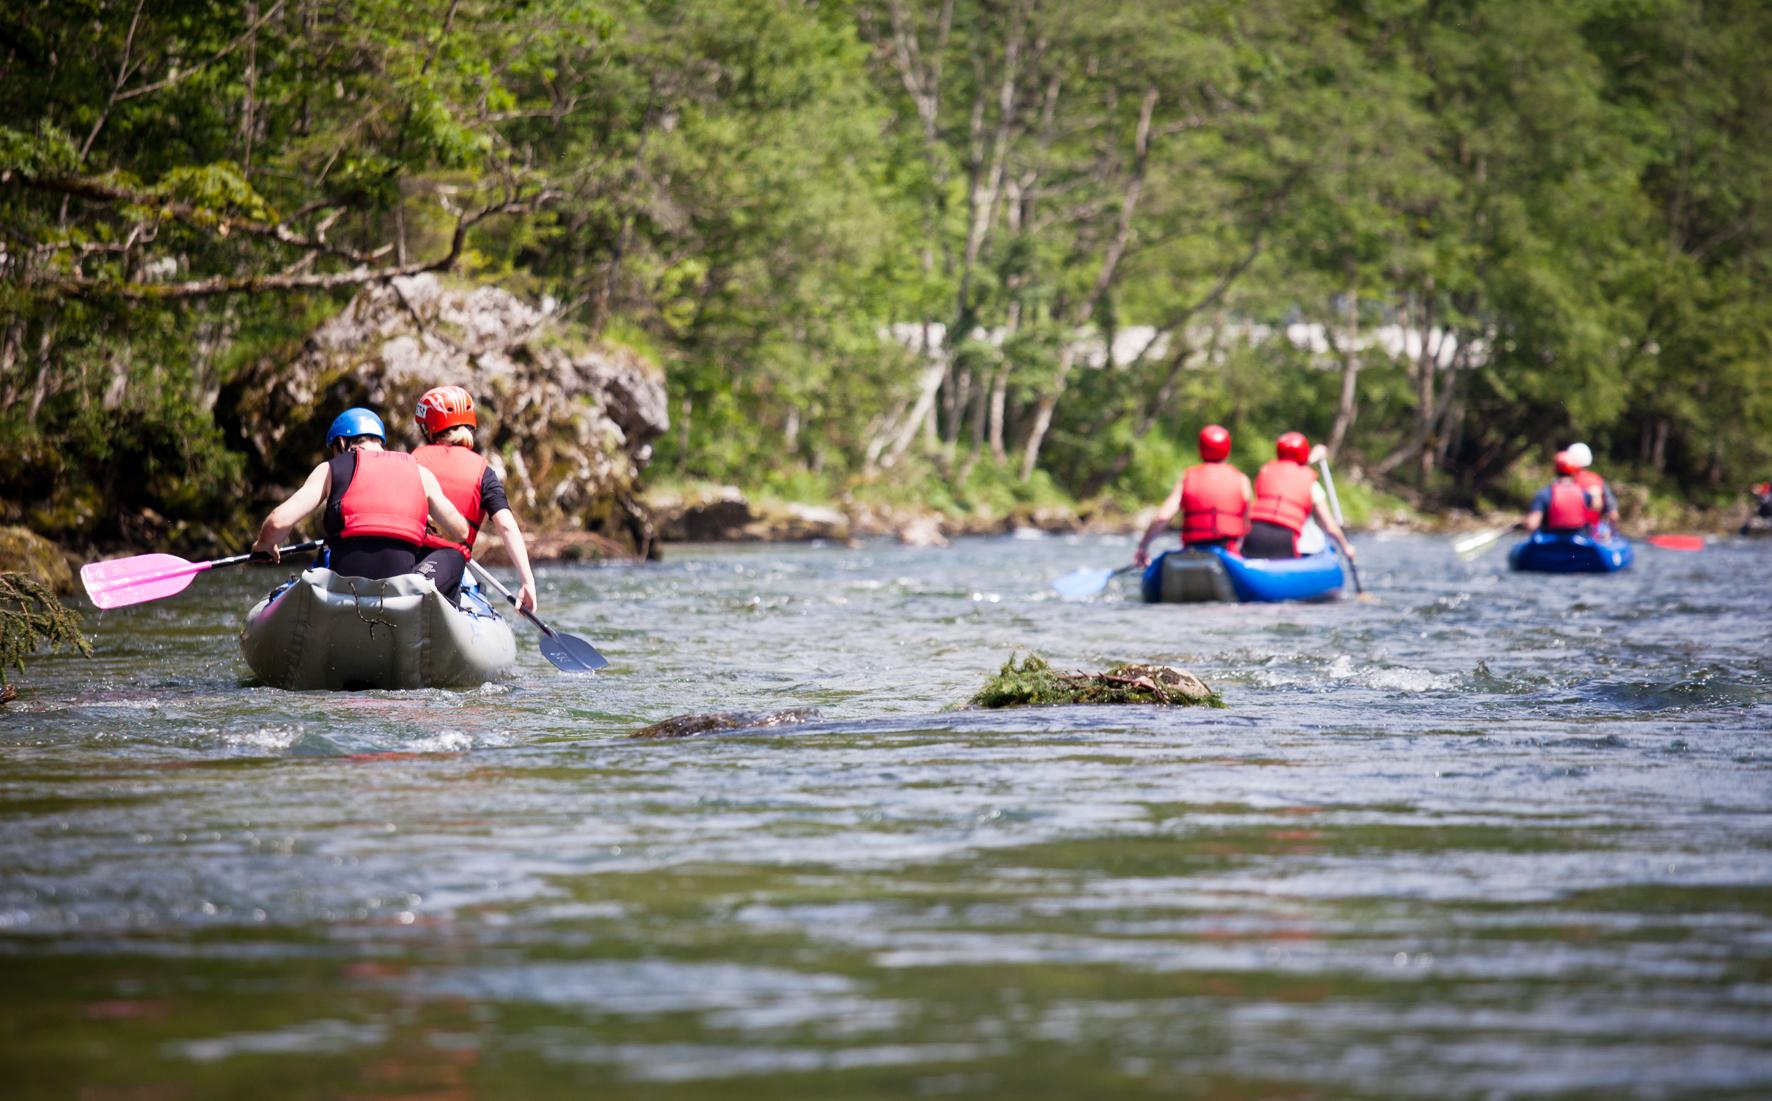 I v Čechách můžete sjet řeku na raftu.